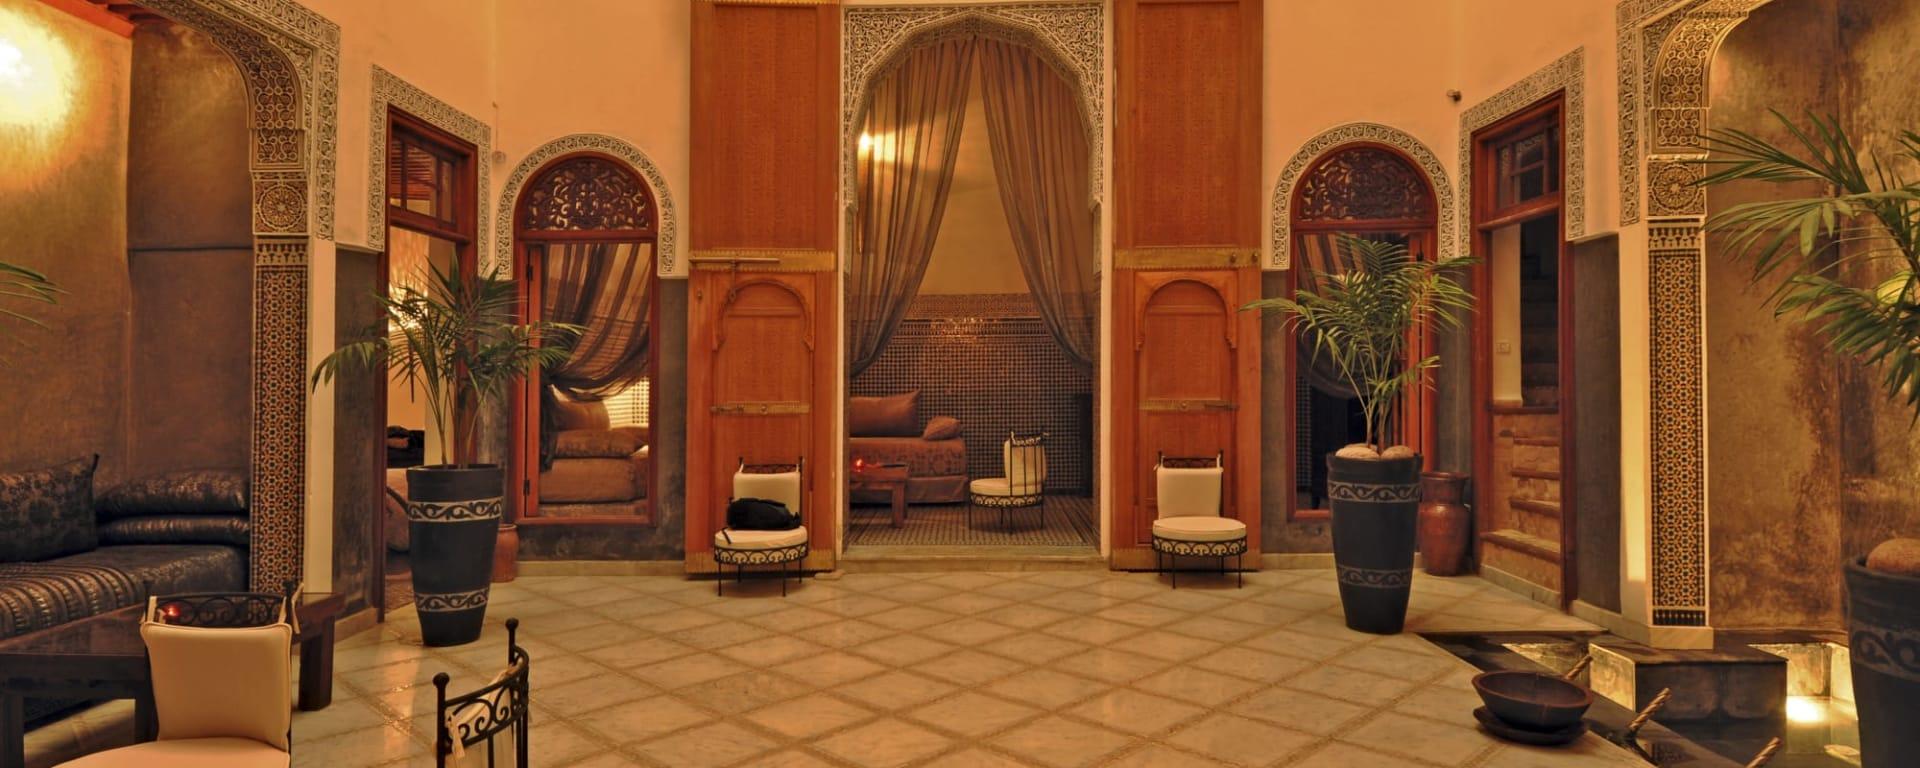 Riad Layla in Fès: Marokko Riad Layla Lobby